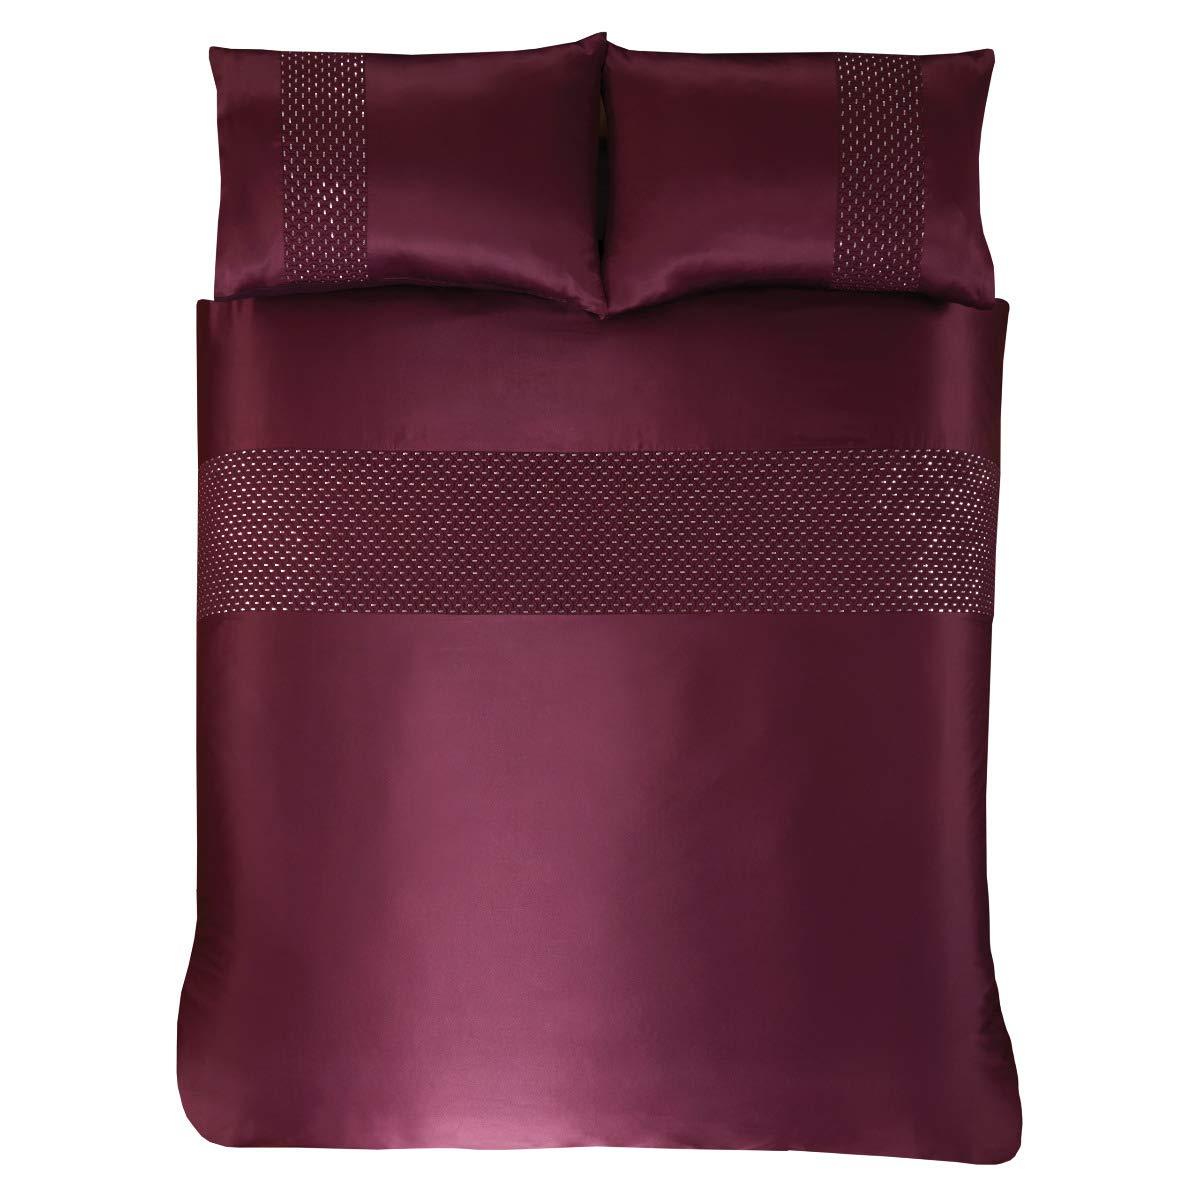 Blush Double Duvet Cover Set and Pillowcases Subtle Sequins Bedding Set